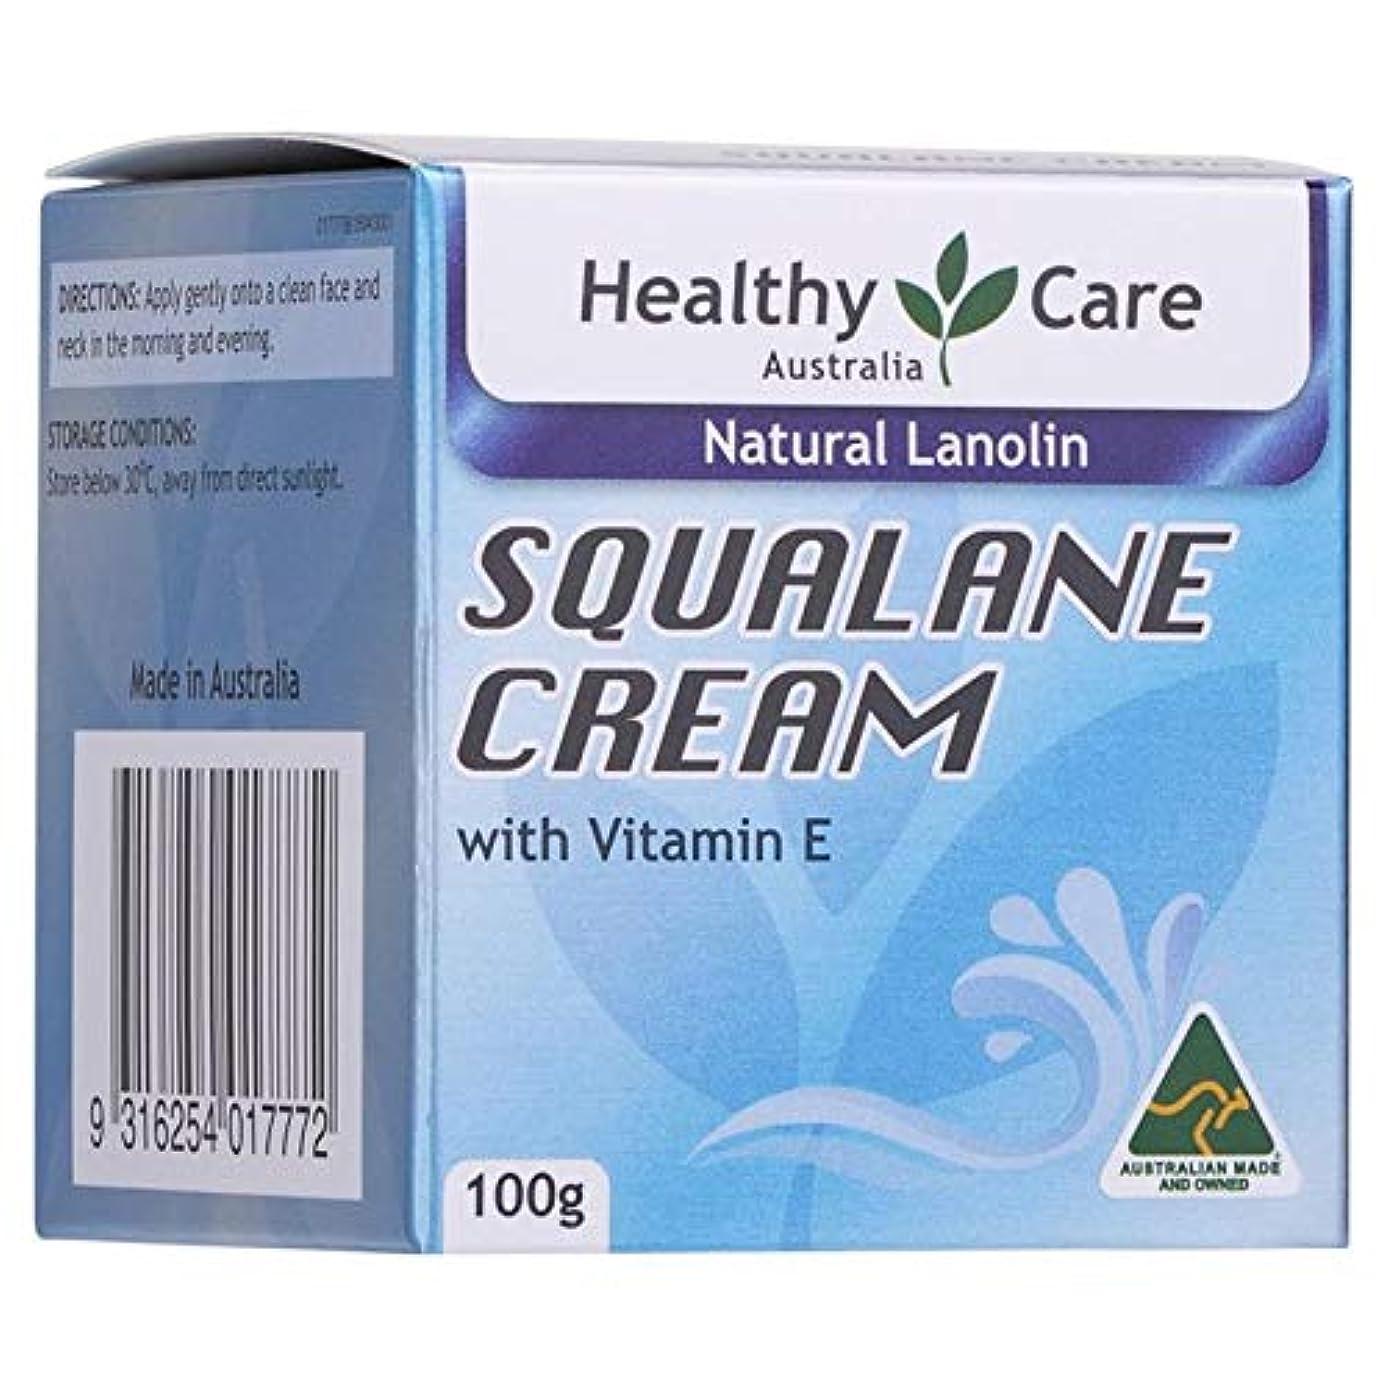 テメリティ巻き戻す真向こう【Healthy Care】スクワラン クリーム ビタミンE配合 (SQUALANE CREAM with Vitamin E) 100g 【海外直送品】